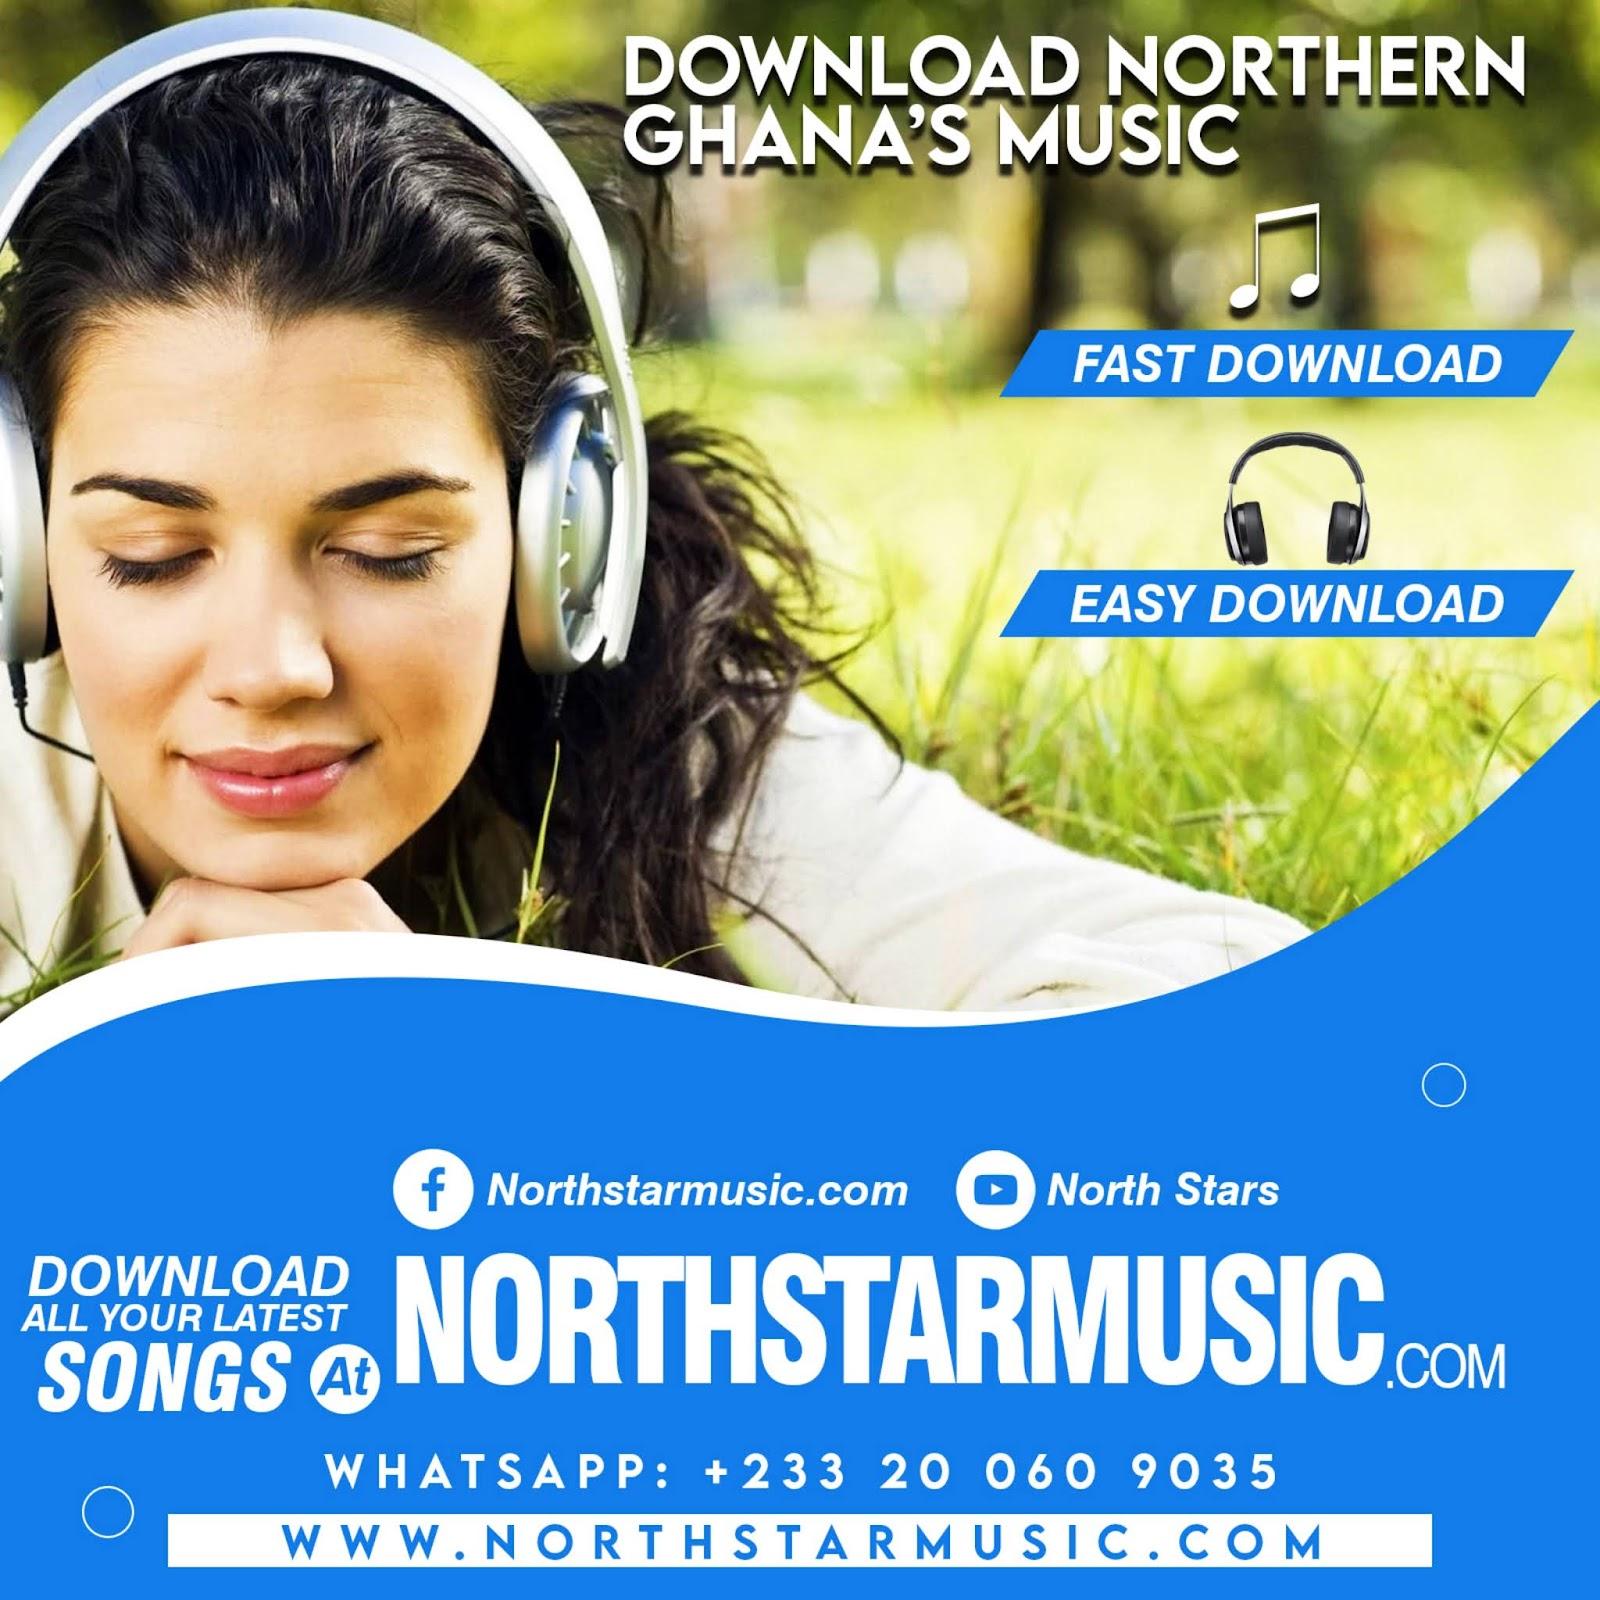 NORTH STARS MUSIC